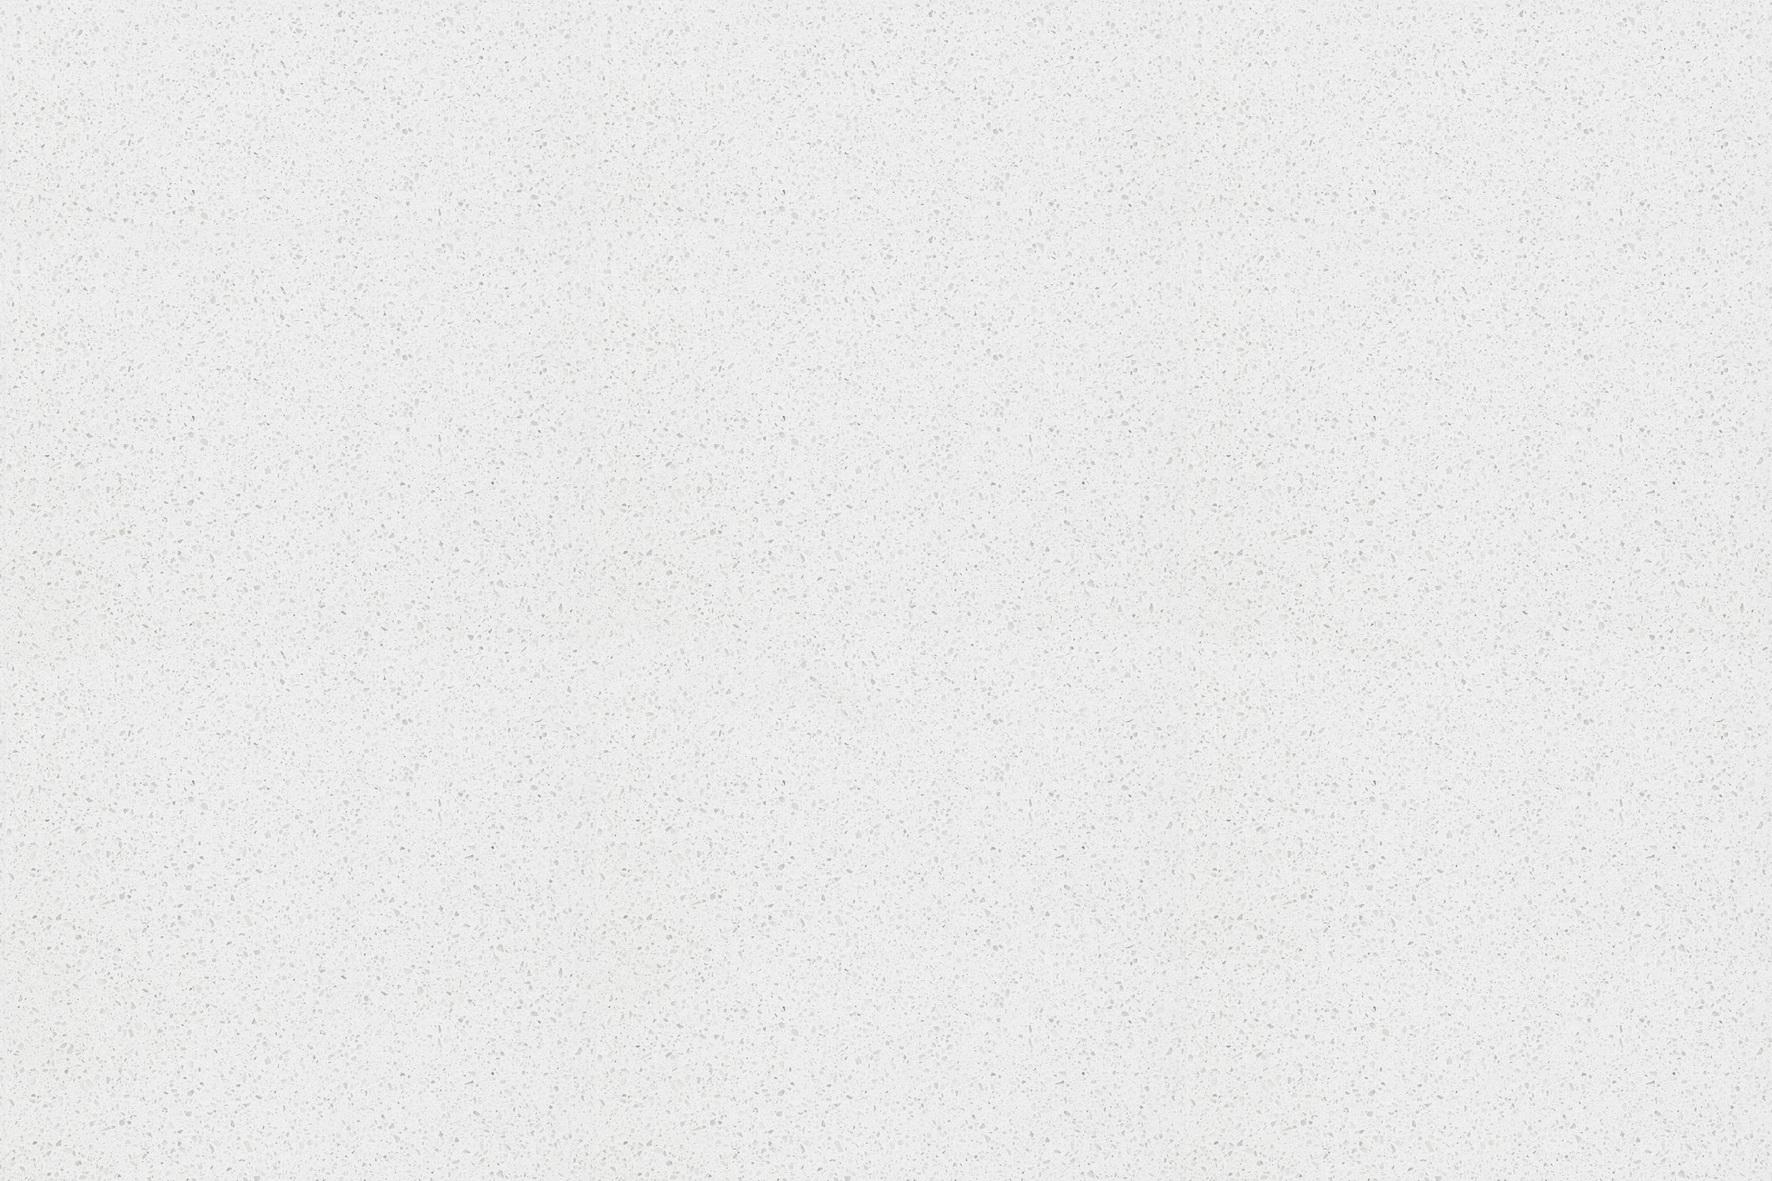 ARCTIC WHITE-UNIPLUS - UNIPLUS-LUCIDE Foto: 1_58328_37602.jpg